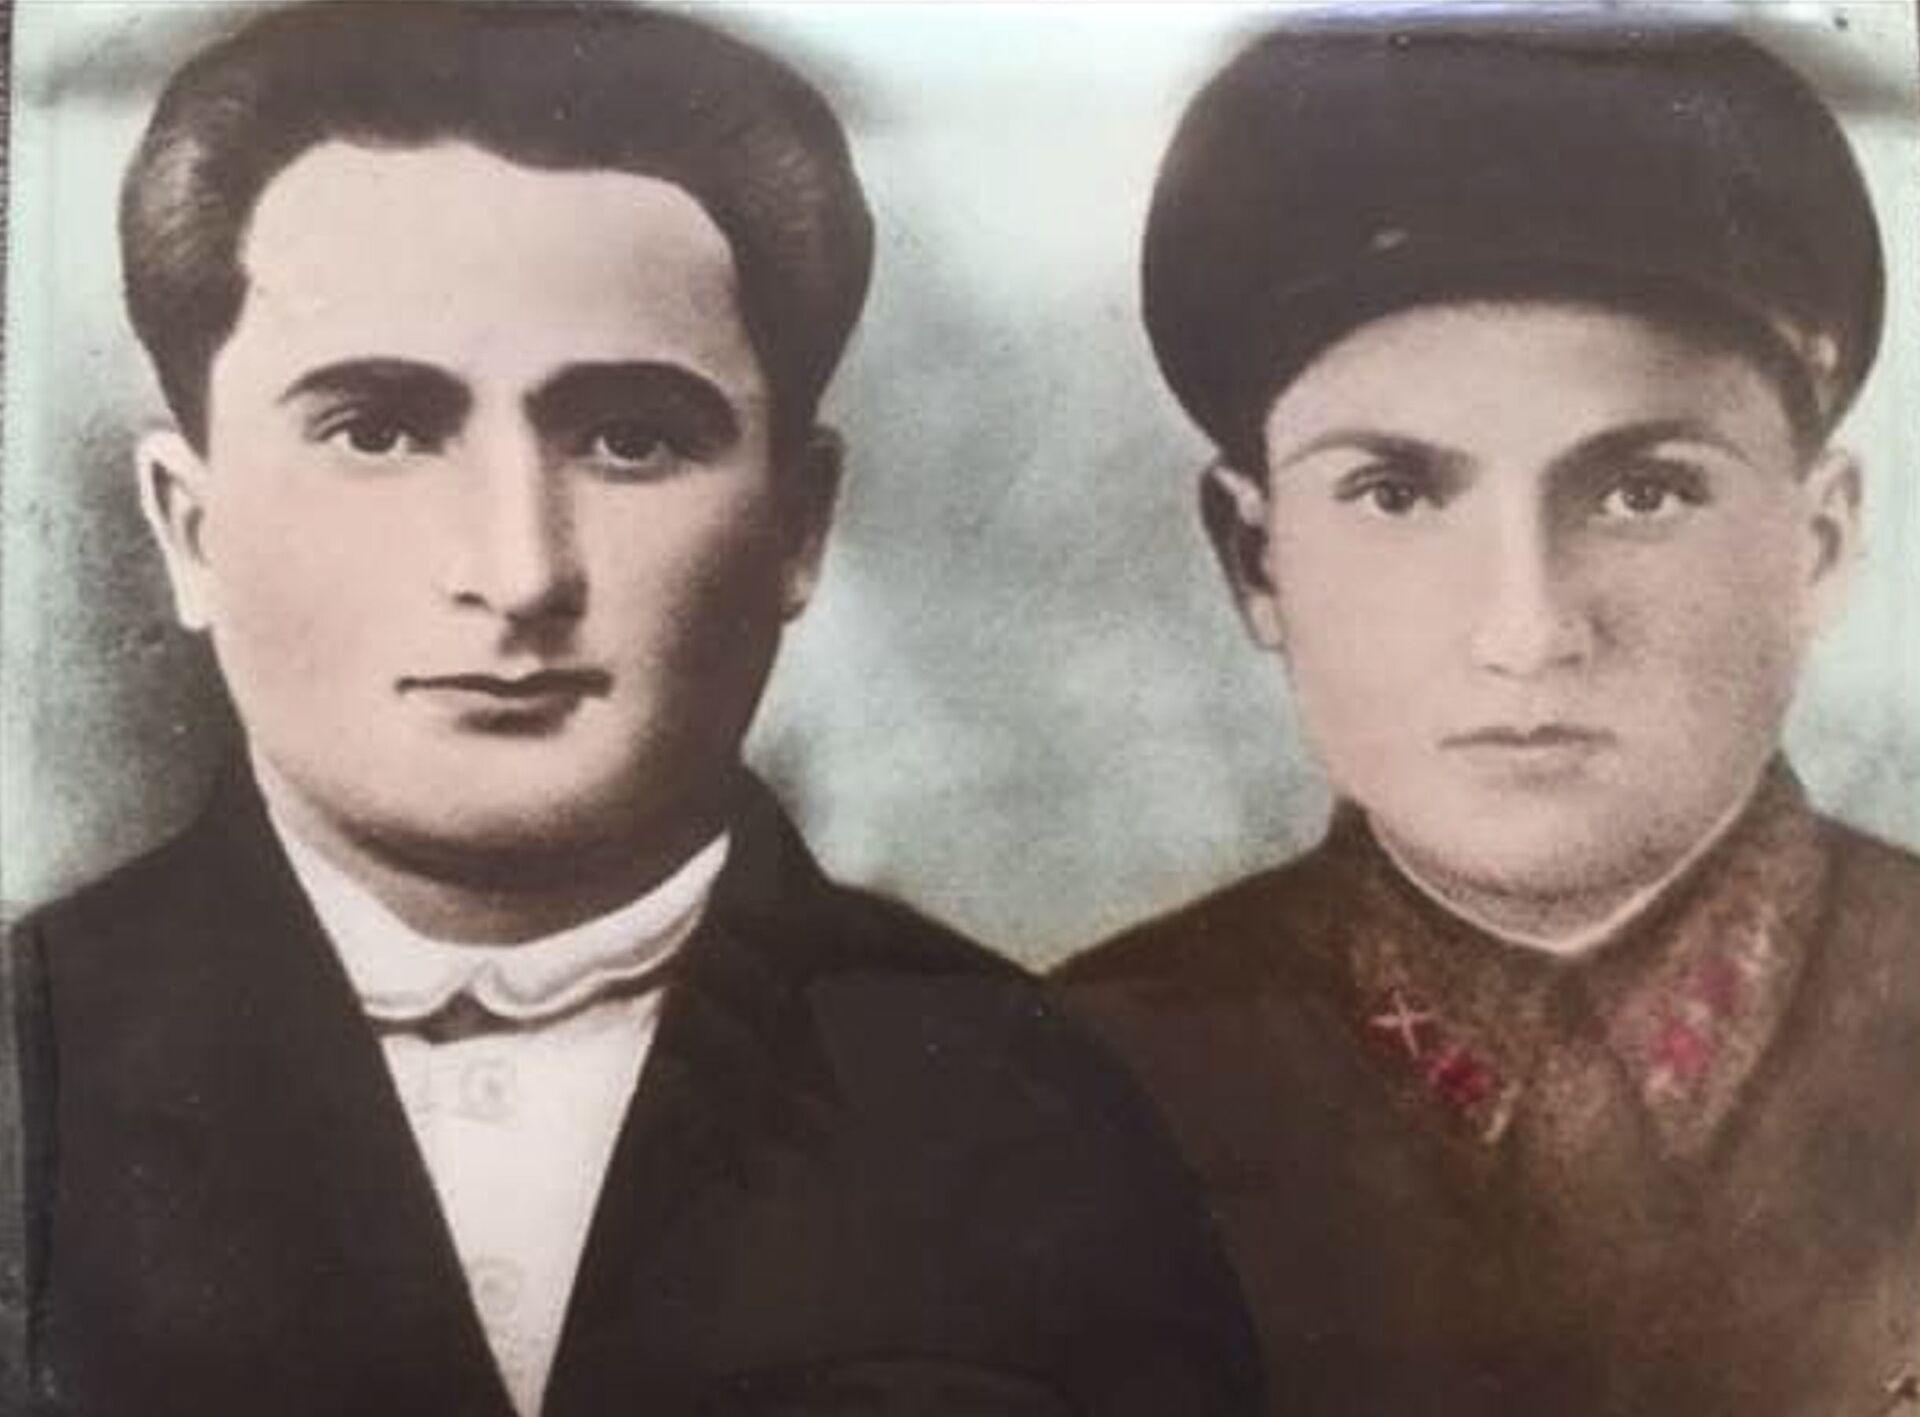 Хьӡы игарцоуп ахаҵа дзиуа: аибашьра Ду иалахәыз ԥшьҩык аишьцәа Џьниаа рҭоурых - Sputnik Аҧсны, 1920, 09.05.2021